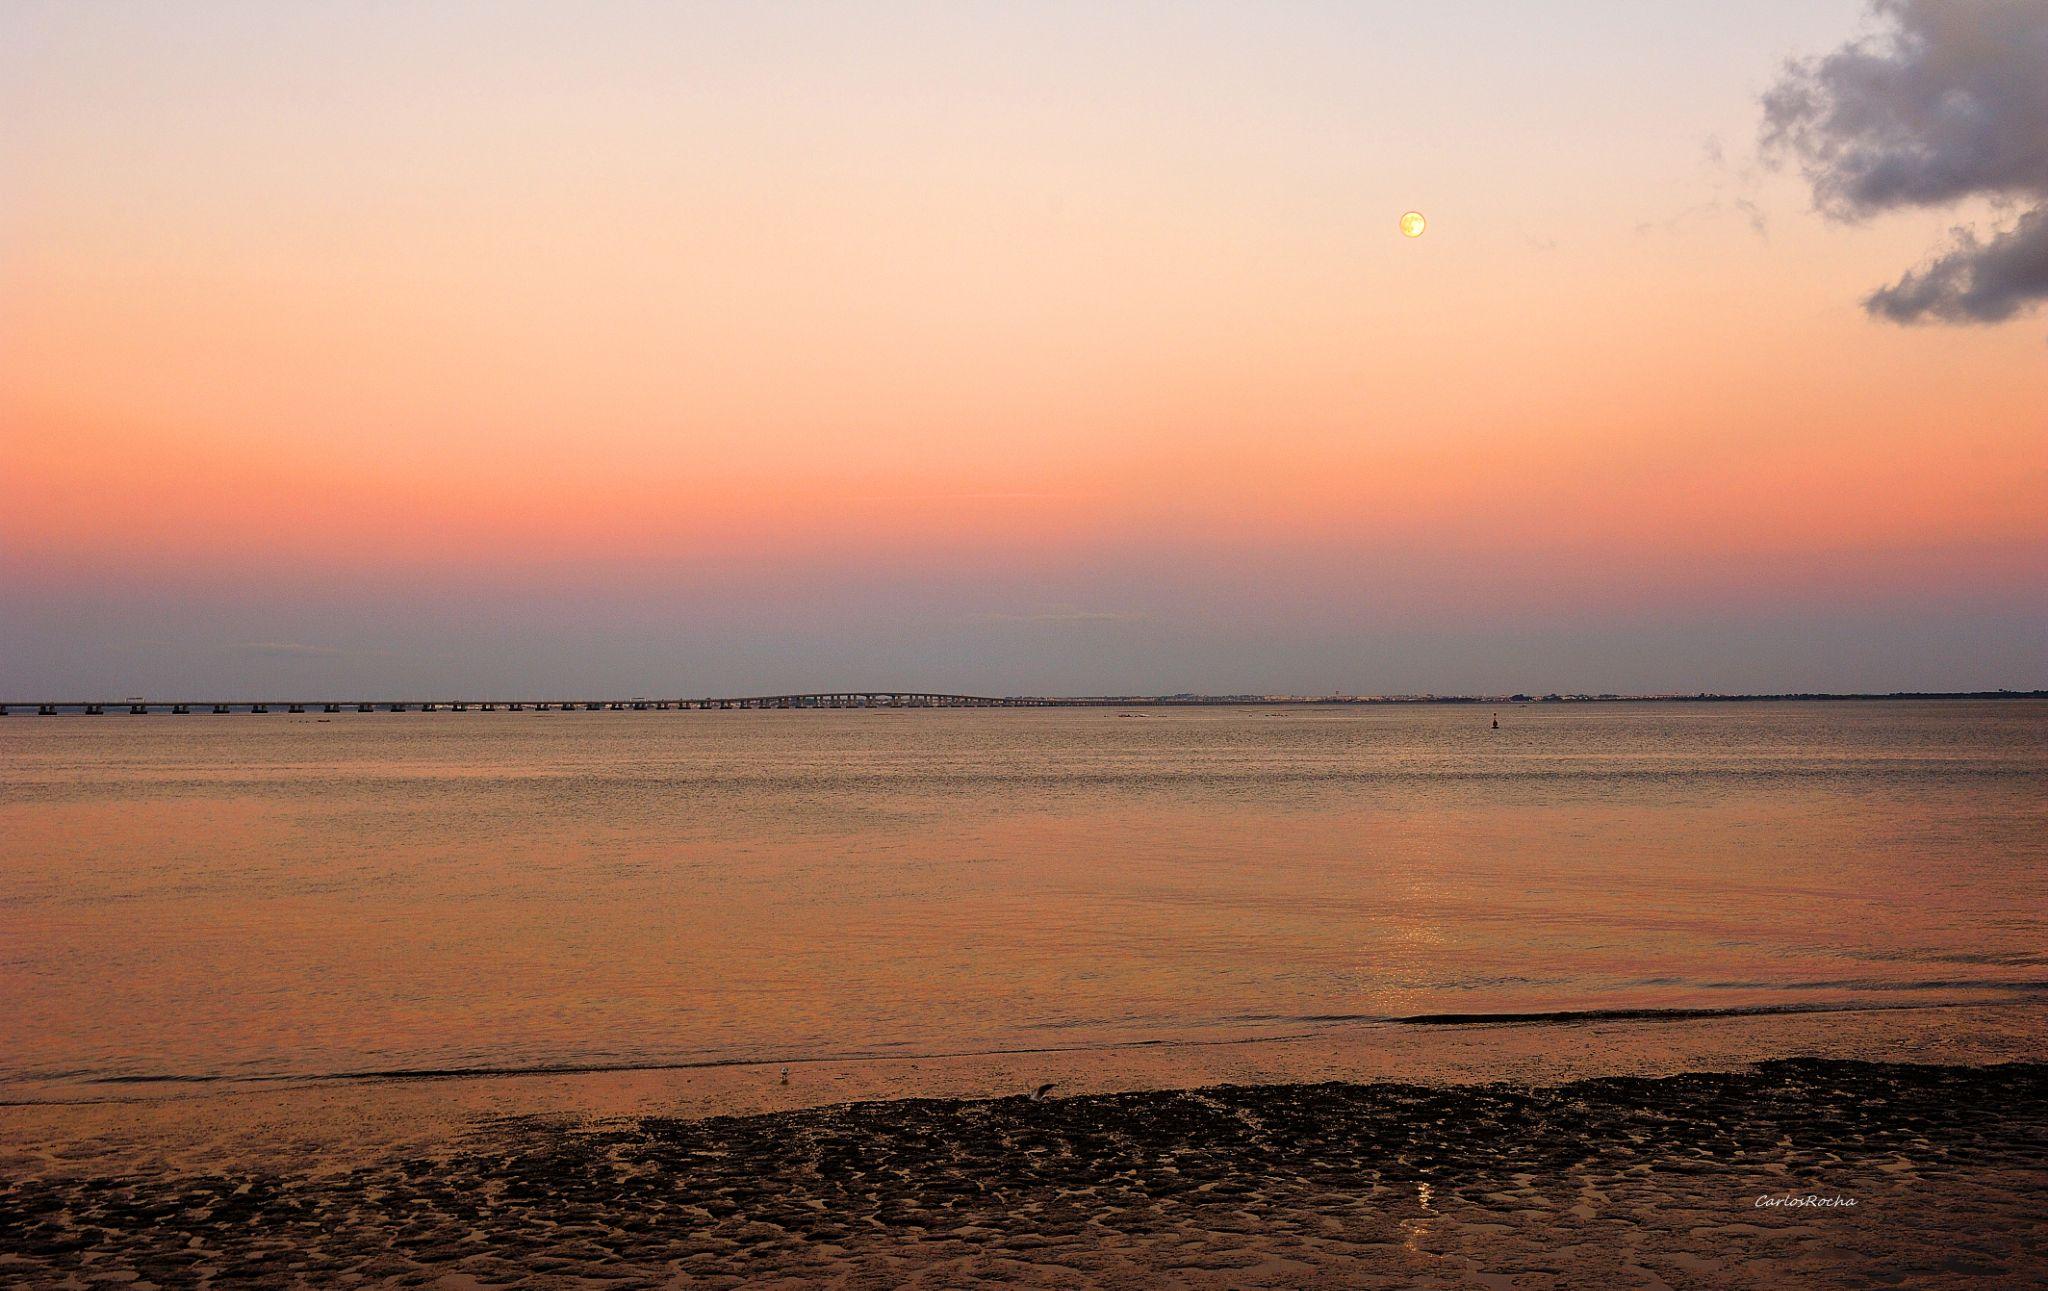 Lua olhando o Tejo by carlosfiuzar